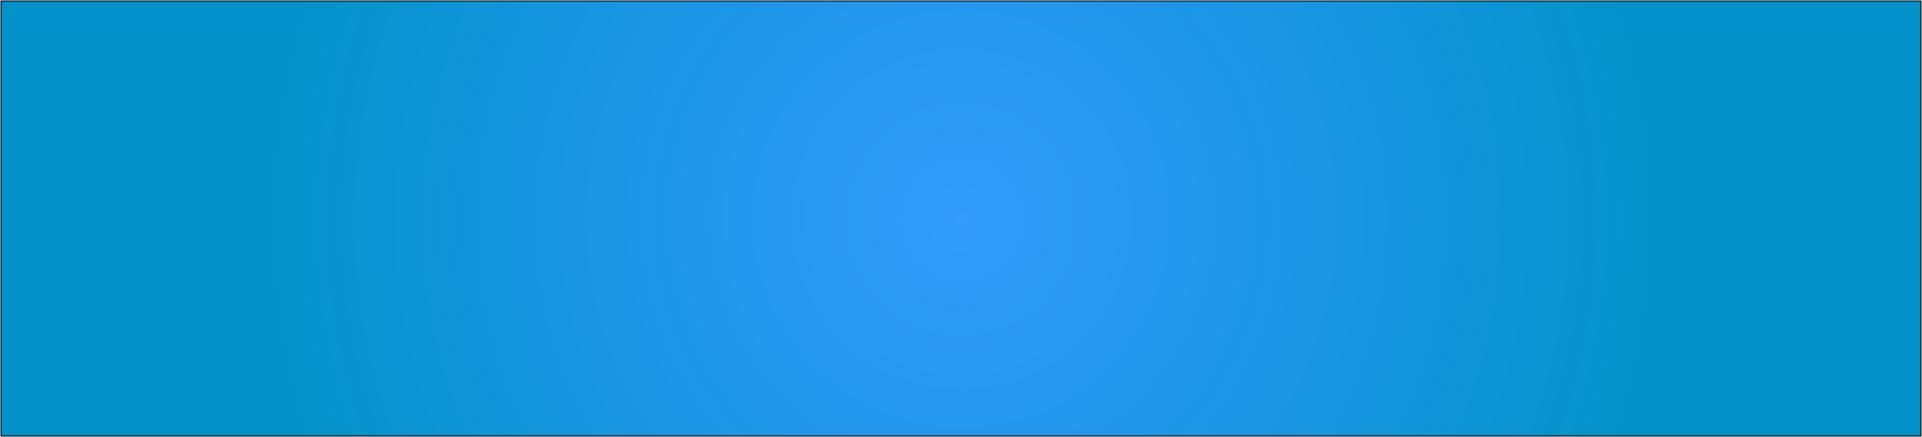 SLIDER_Blue